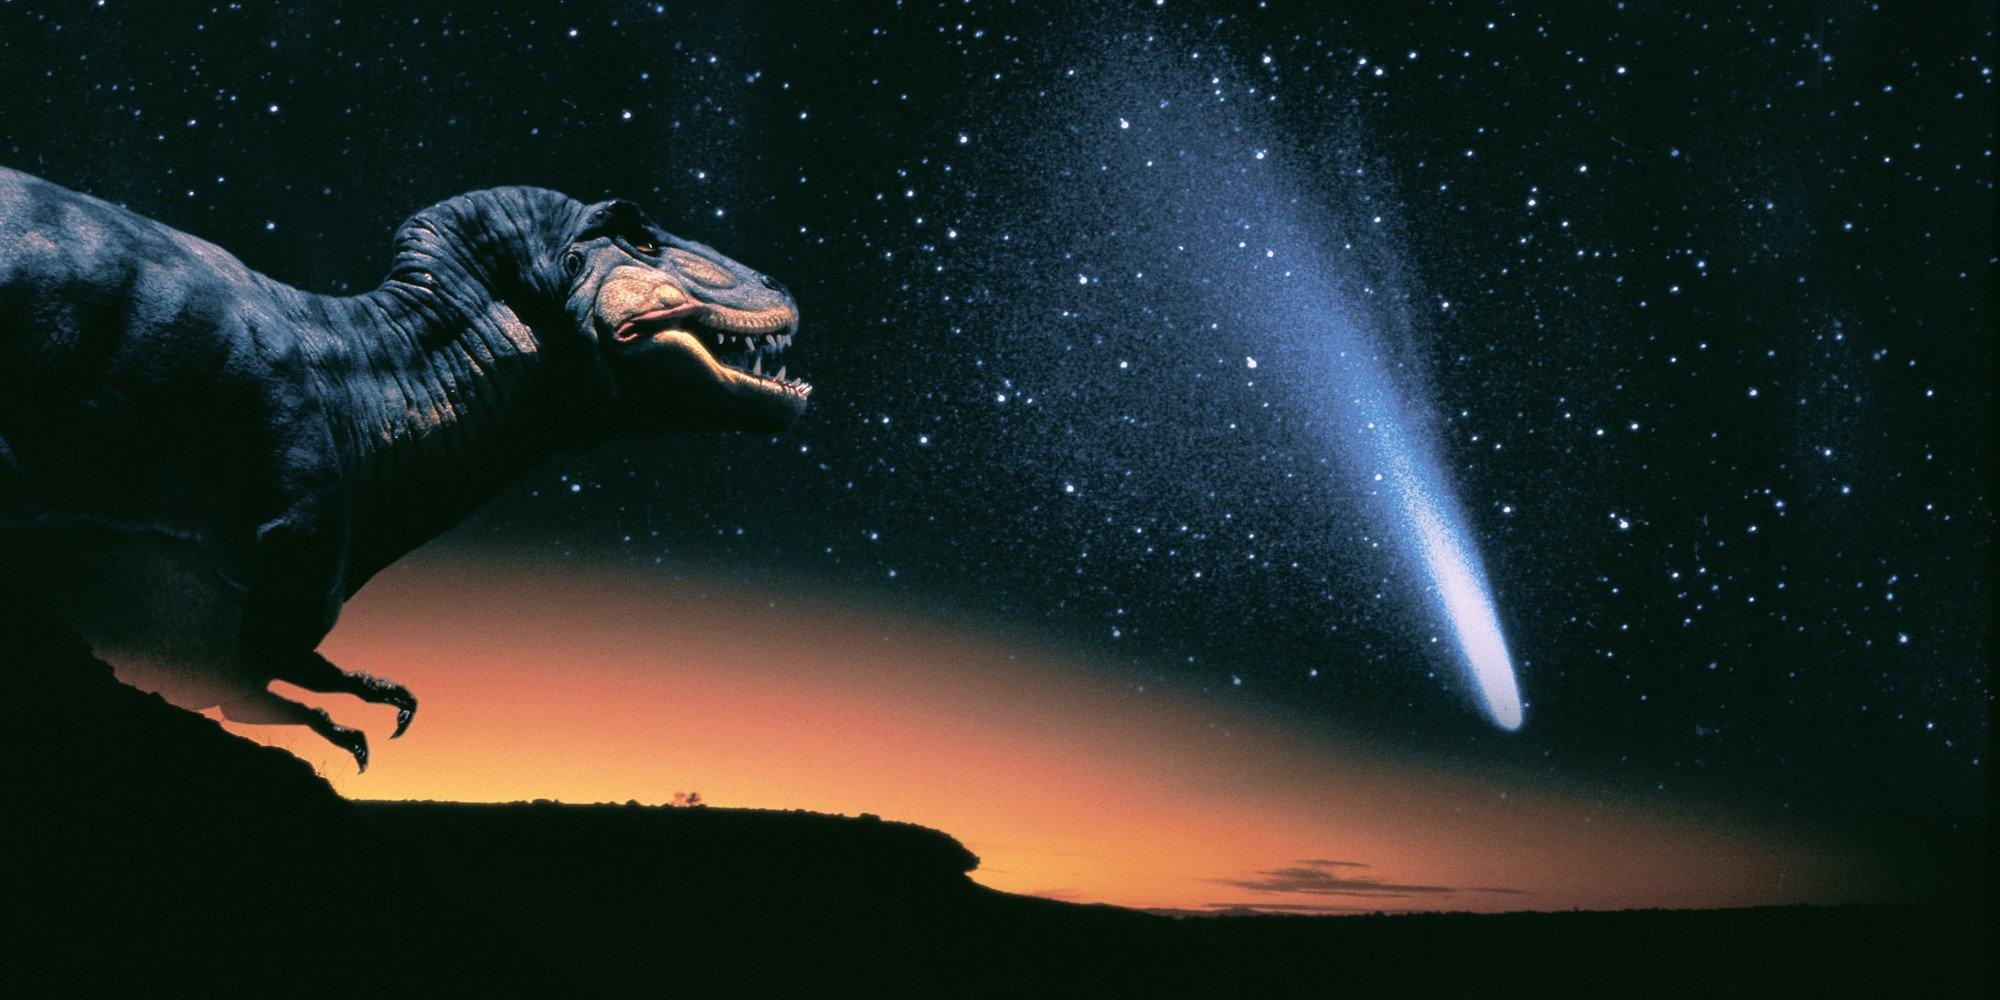 хороший динозавр кино причины исчезновения массовое вымирание вулкан астероид инфекция цветковые газы наука статья отвратительные мужики